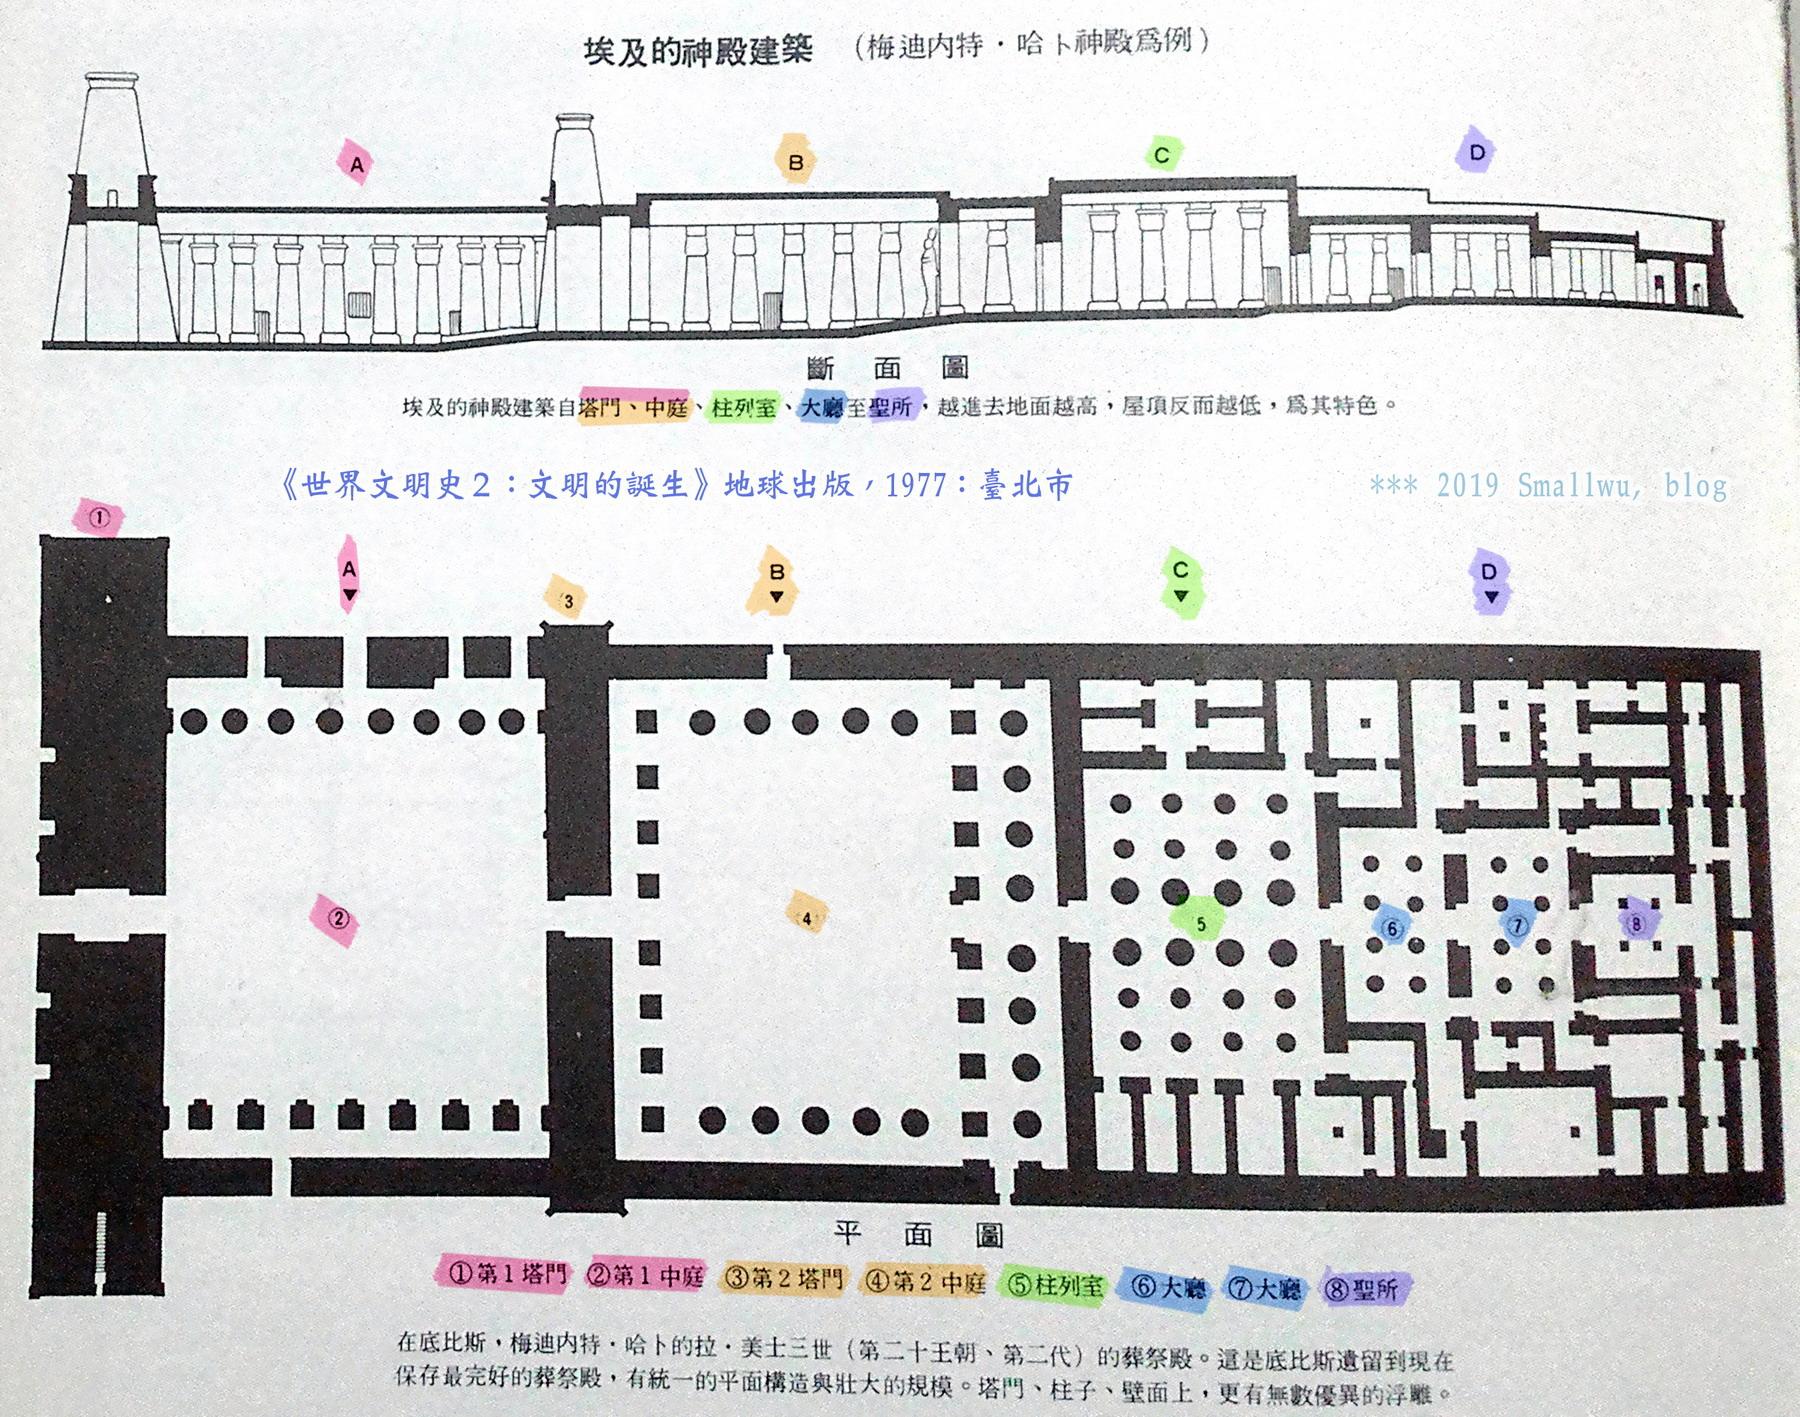 世界文明史2-文明的誕生-09 拉美西斯三世神殿 底比斯- 斷面圖與平面圖.jpg